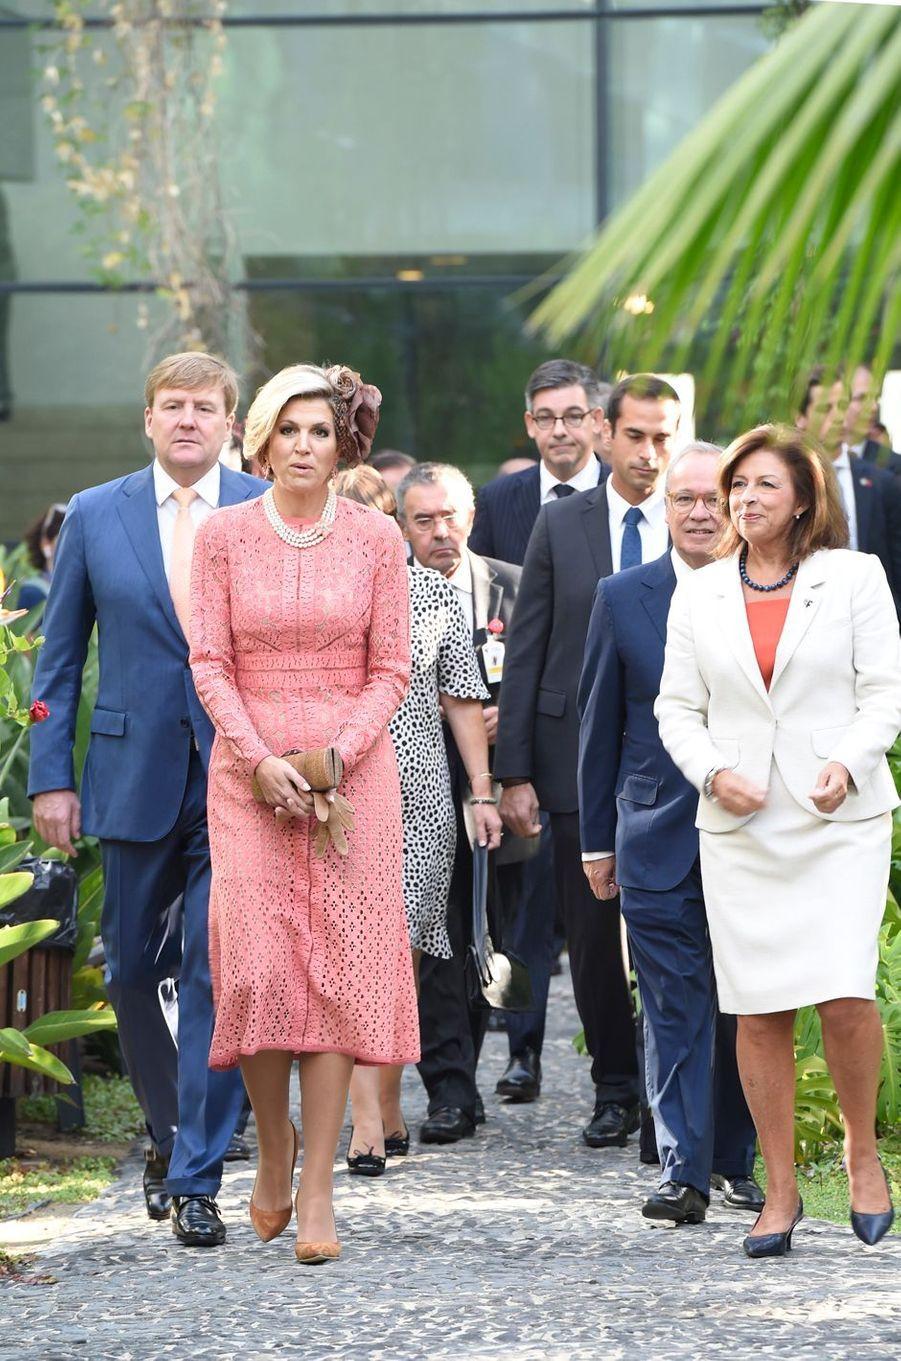 La reine Maxima et le roi Willem-Alexander des Pays-Bas à la Fondation Champalimaud à Lisbonne, le 11 octobre 2017